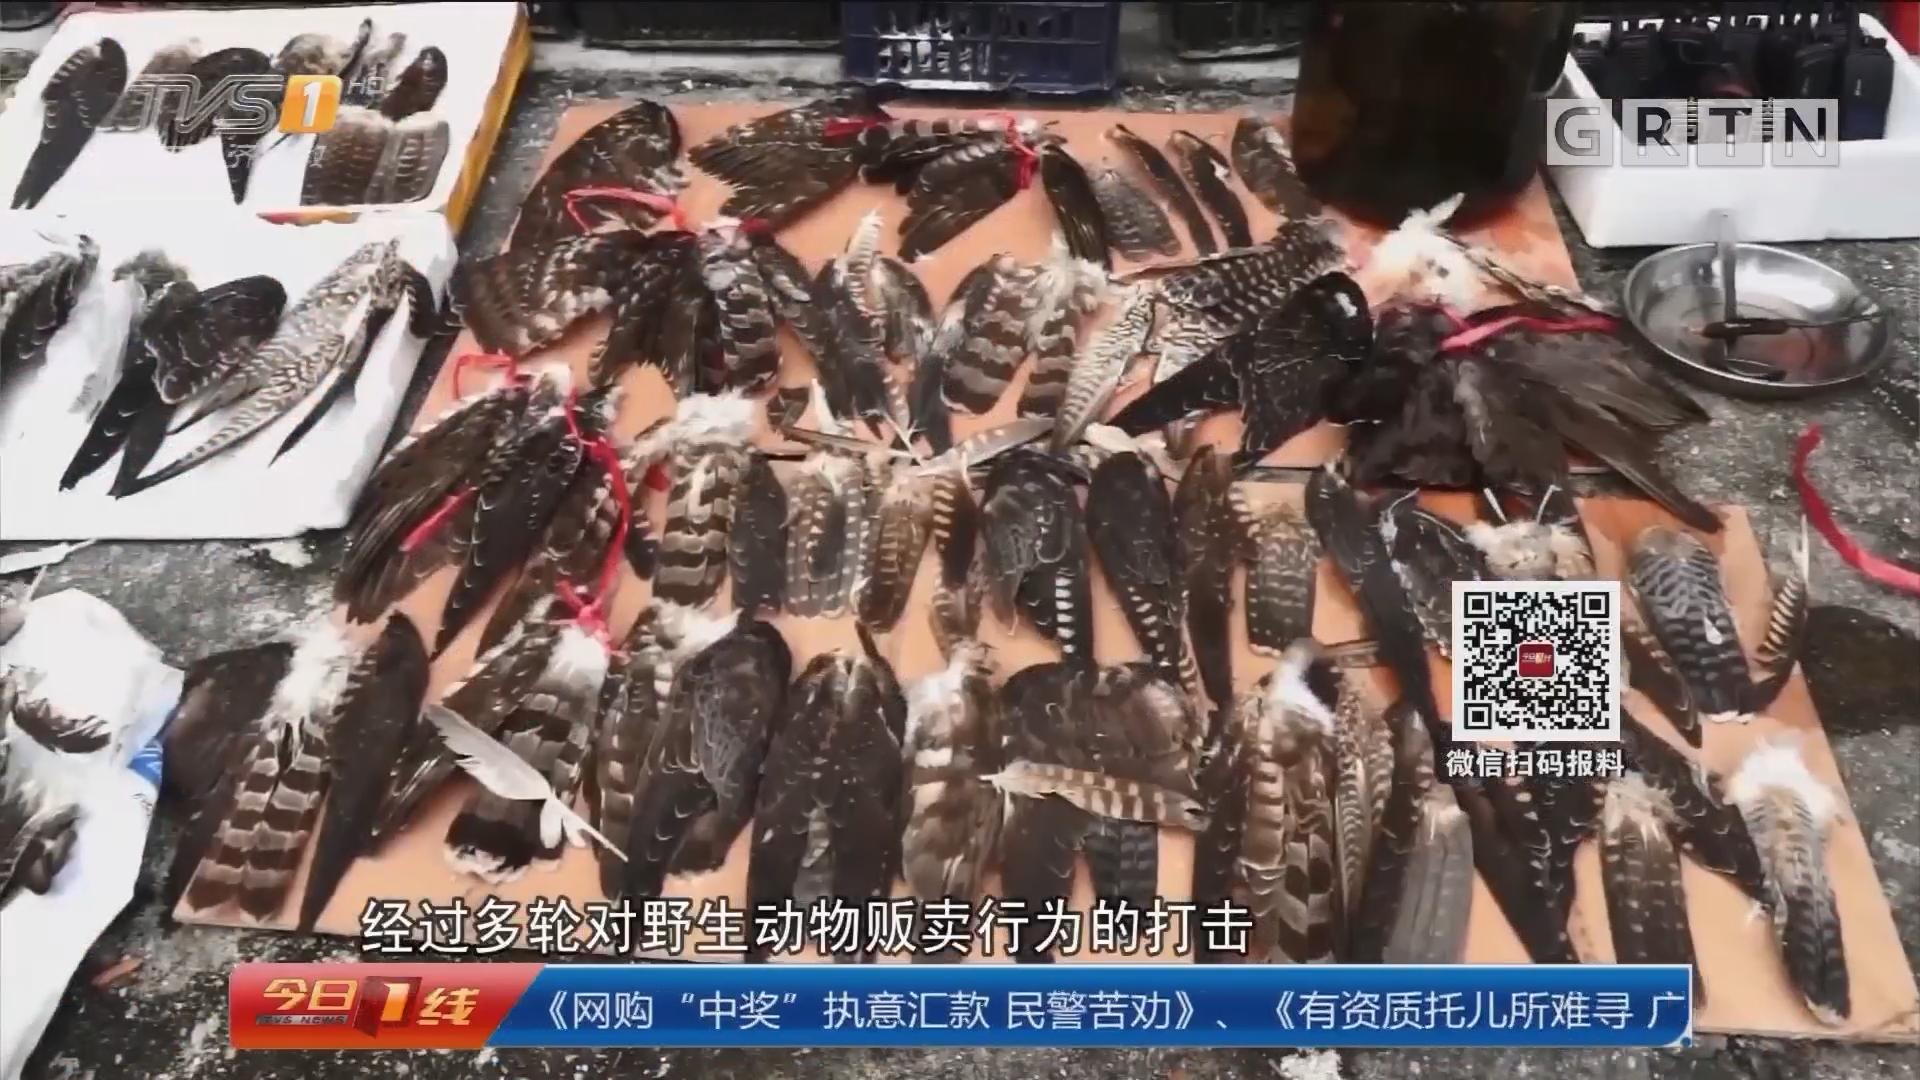 湛江:省林业公安破获特大出售野生动物案